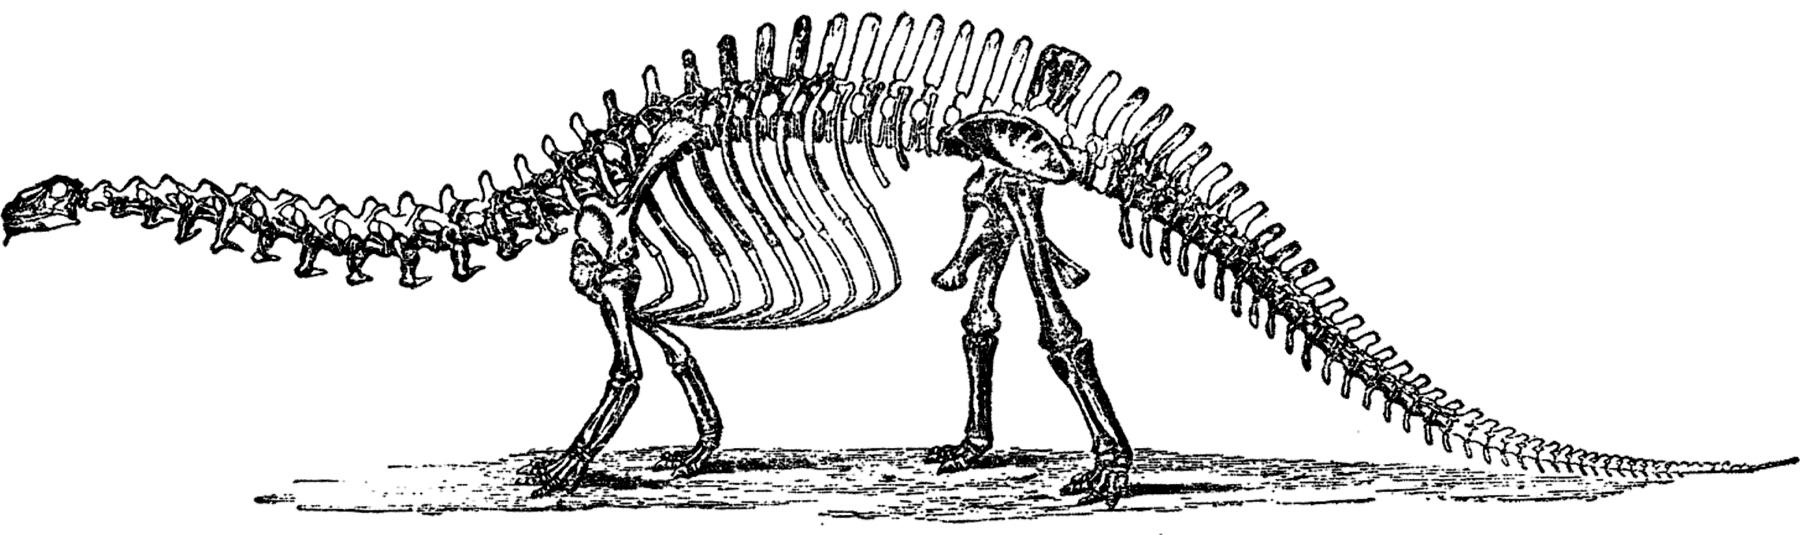 dinosaur teeth clipart - photo #48